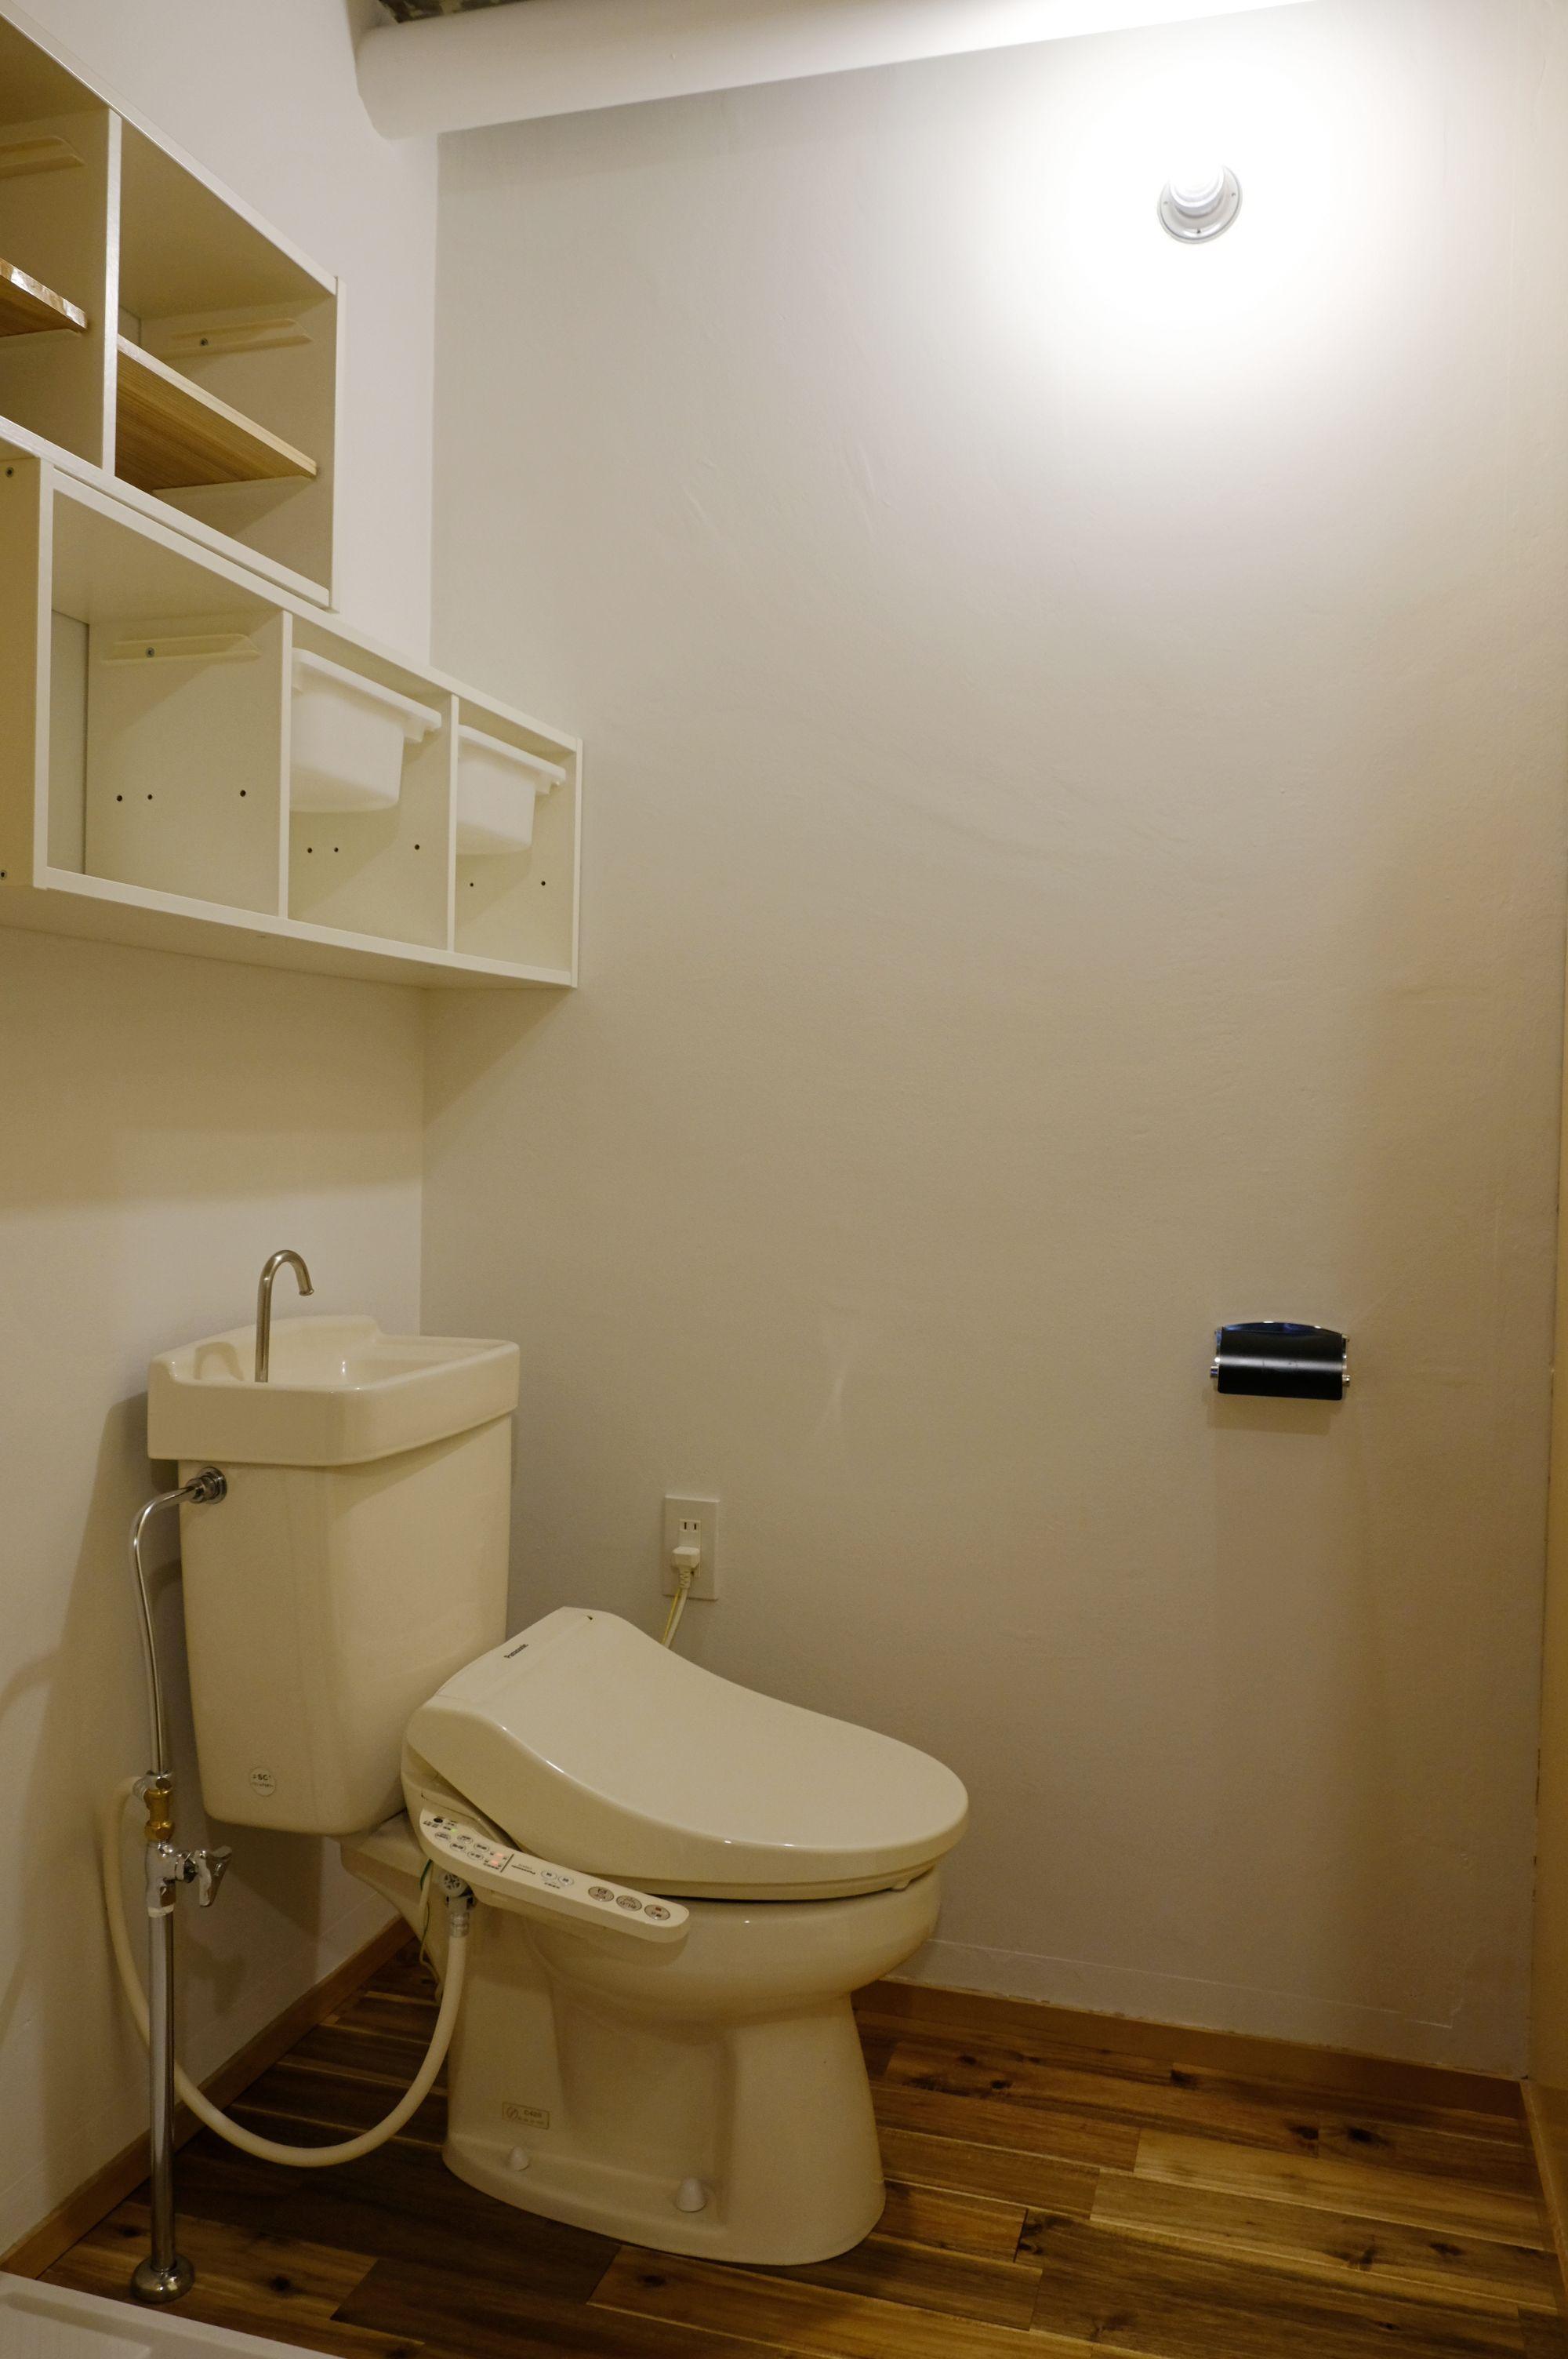 トイレも雰囲気良し。